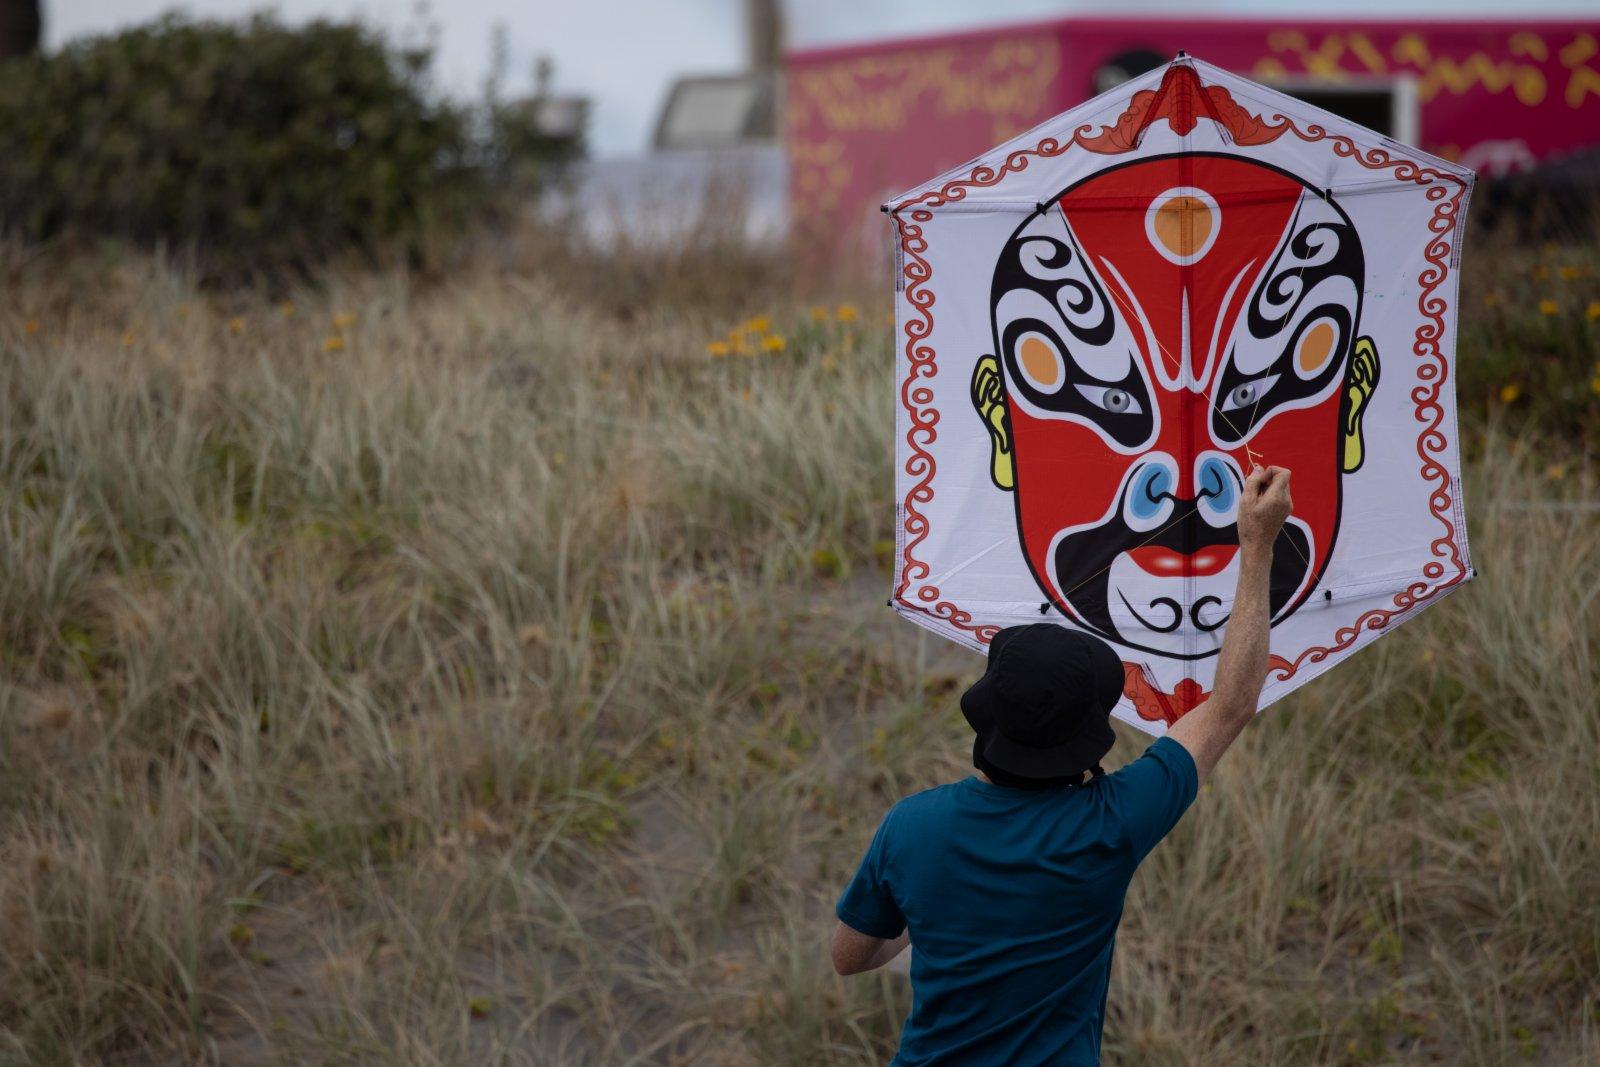 在新西蘭惠靈頓北部小鎮奧塔基的海灘上,一名男子準備放飛京劇臉譜元素風箏。